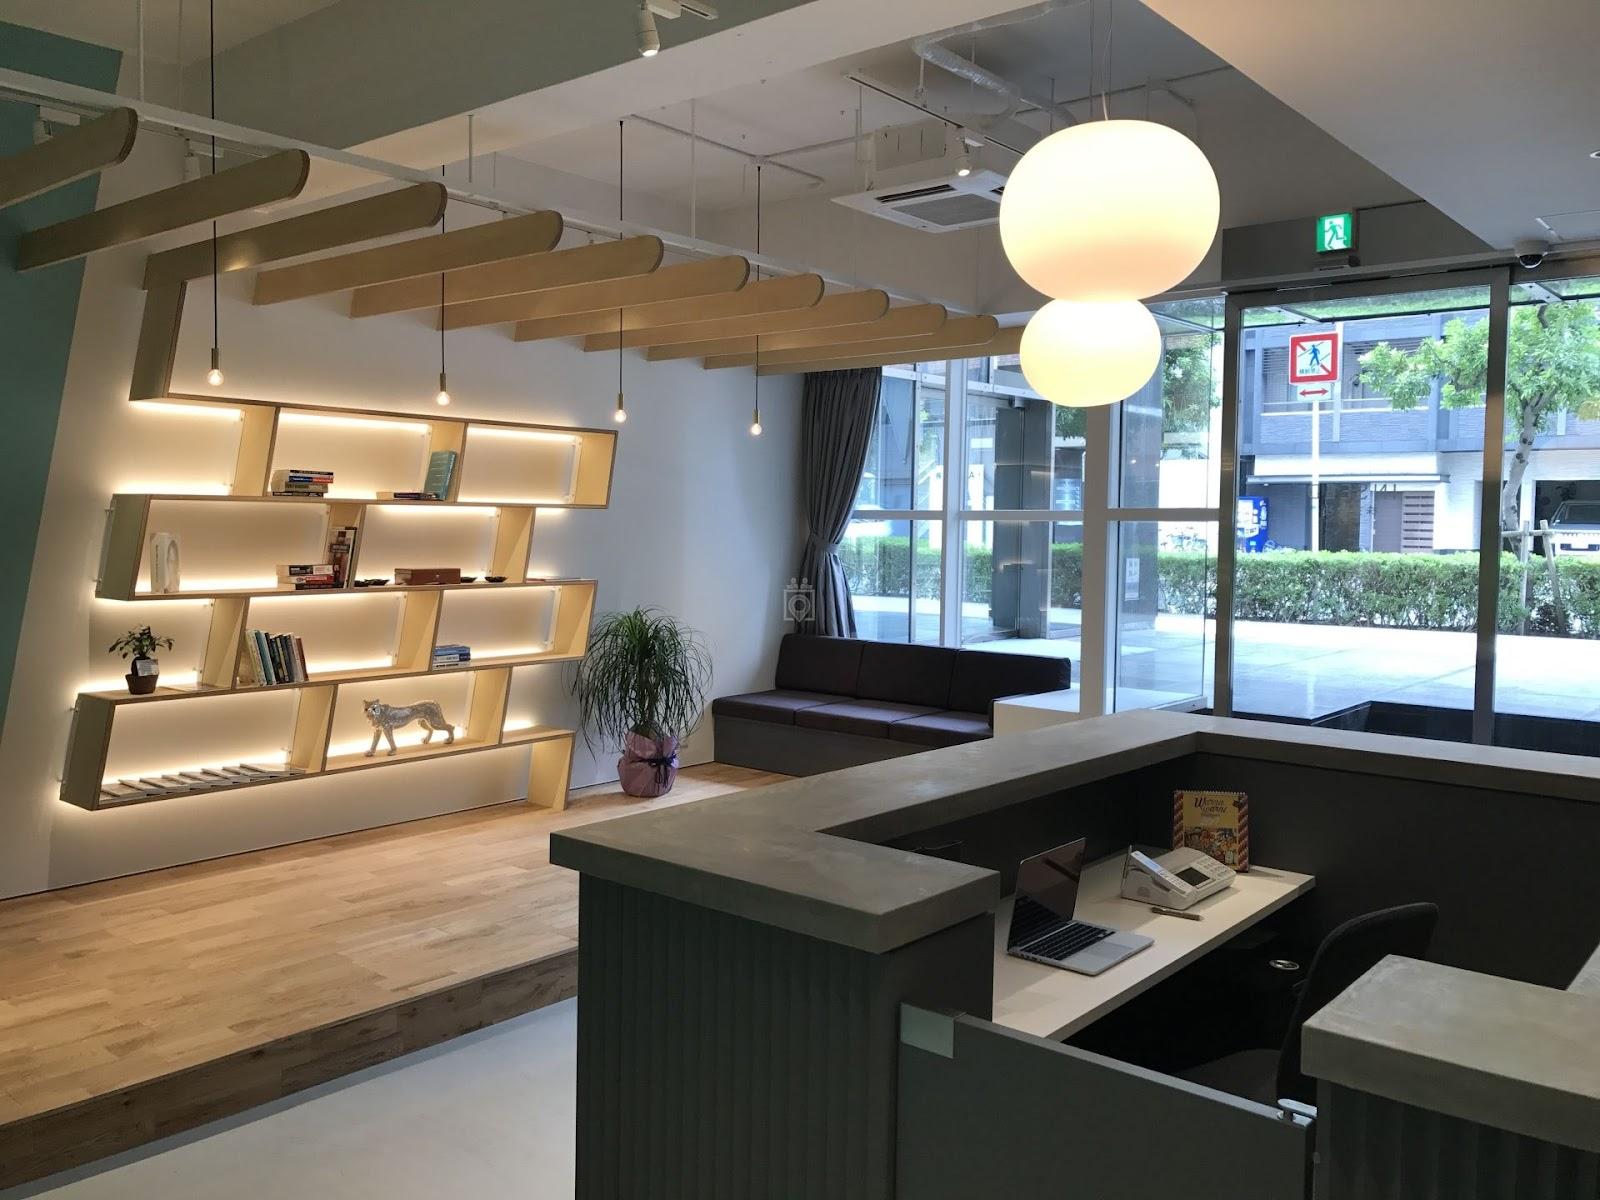 Inseed Coworking Space in Osaka-Kobe-Kyoto